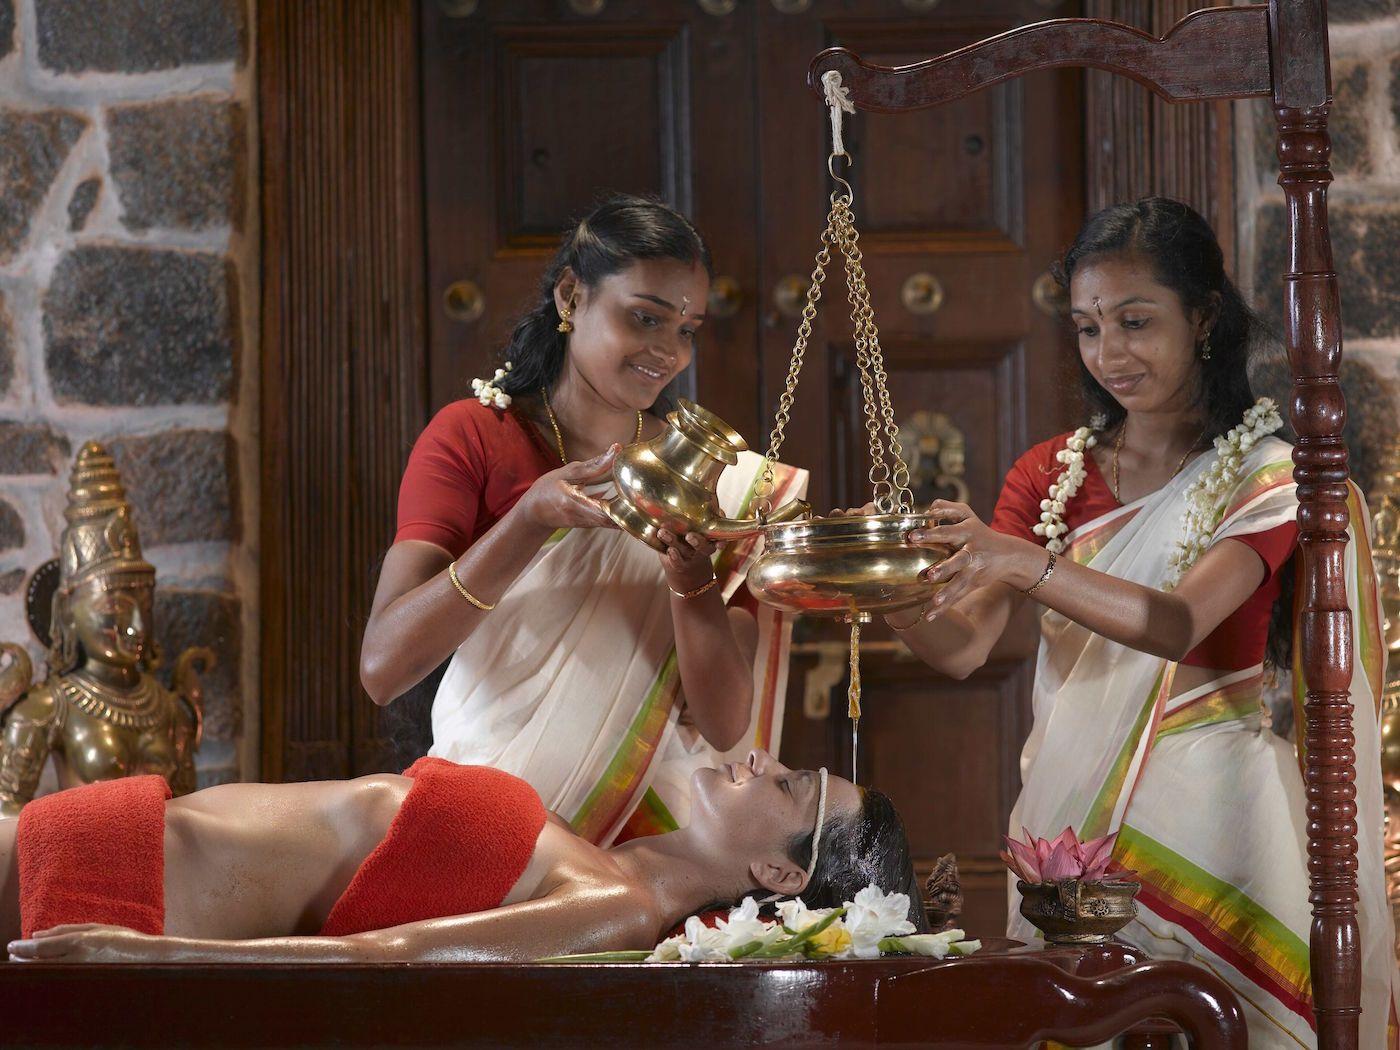 """<p>Ringiovanire con l'Ayurveda: è questo uno dei motivi per cui si parte per il Kerala. Ma scordatevi l'idea del """"massaggio"""", che pure è il piacevole mezzo attraverso cui vengono somministrati i trattamenti a base di oli, erbe medicinali, latte. Preparatevi a un percorso di benessere fatto di rituali complessi che, sotto controllo medico, puntano all'equilibrio del corpo e della mente, alla purificazione, al rafforzamento delle difese immunitarie. </p>"""